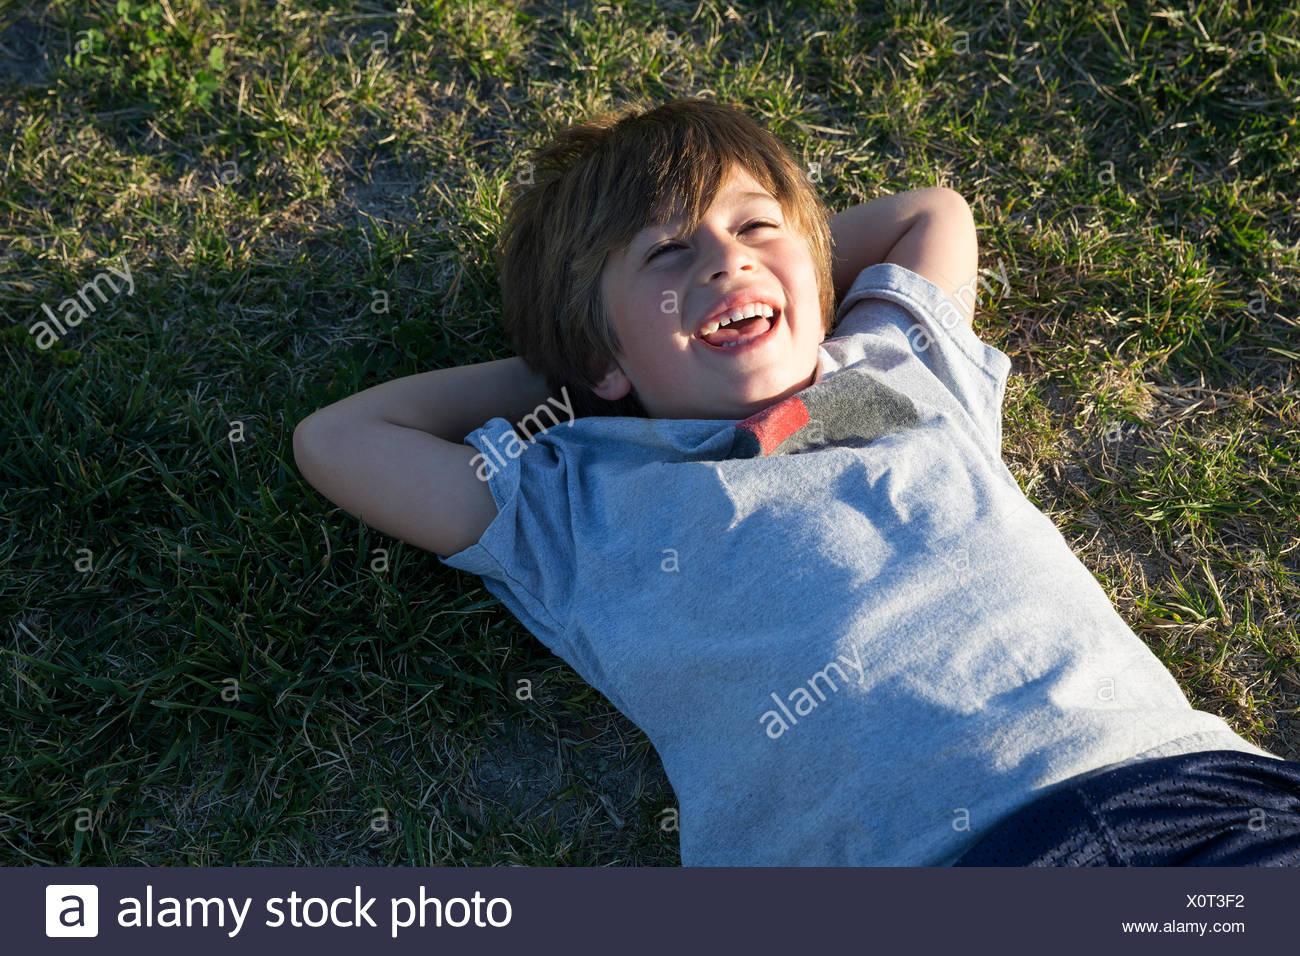 Retrato de niño acostado sobre la hierba del parque y riendo Imagen De Stock